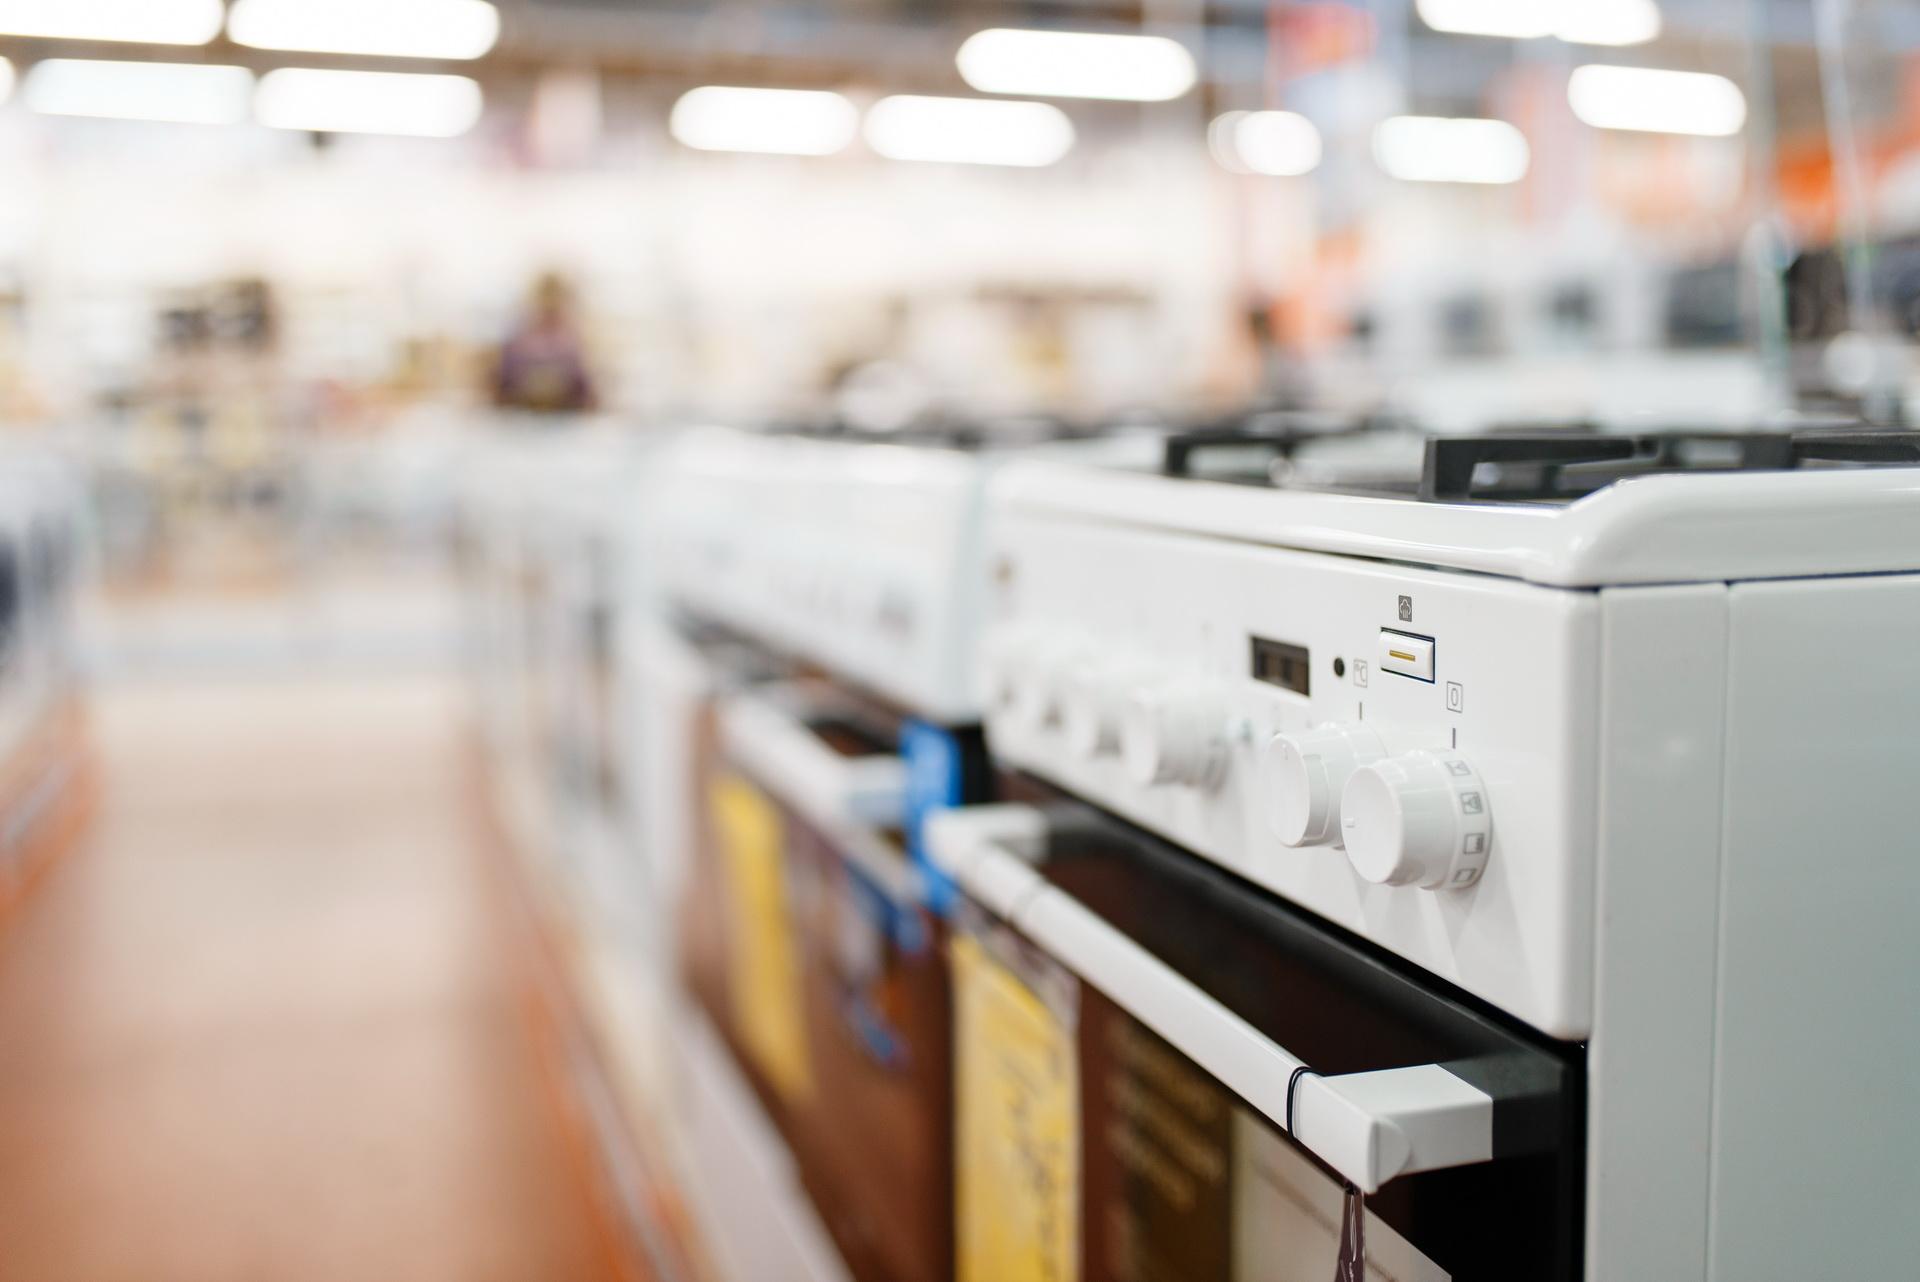 Negozio online elettronica: come funziona la garanzia sui prodotti hi-tech